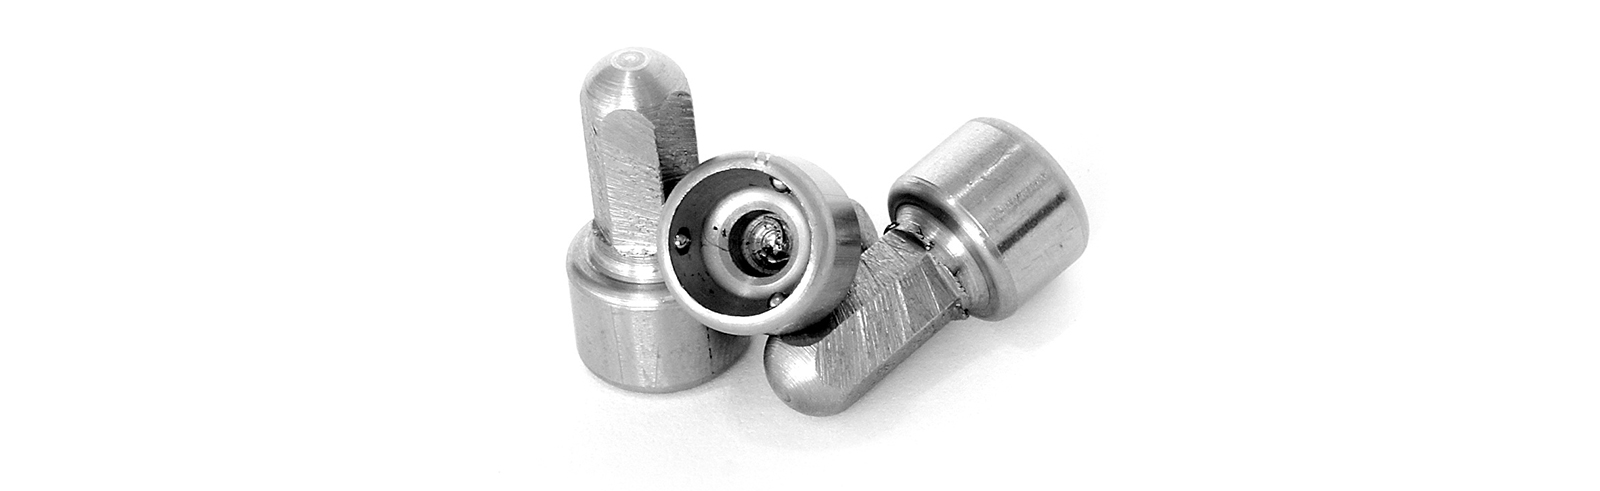 klucz_komputerowy_seclock